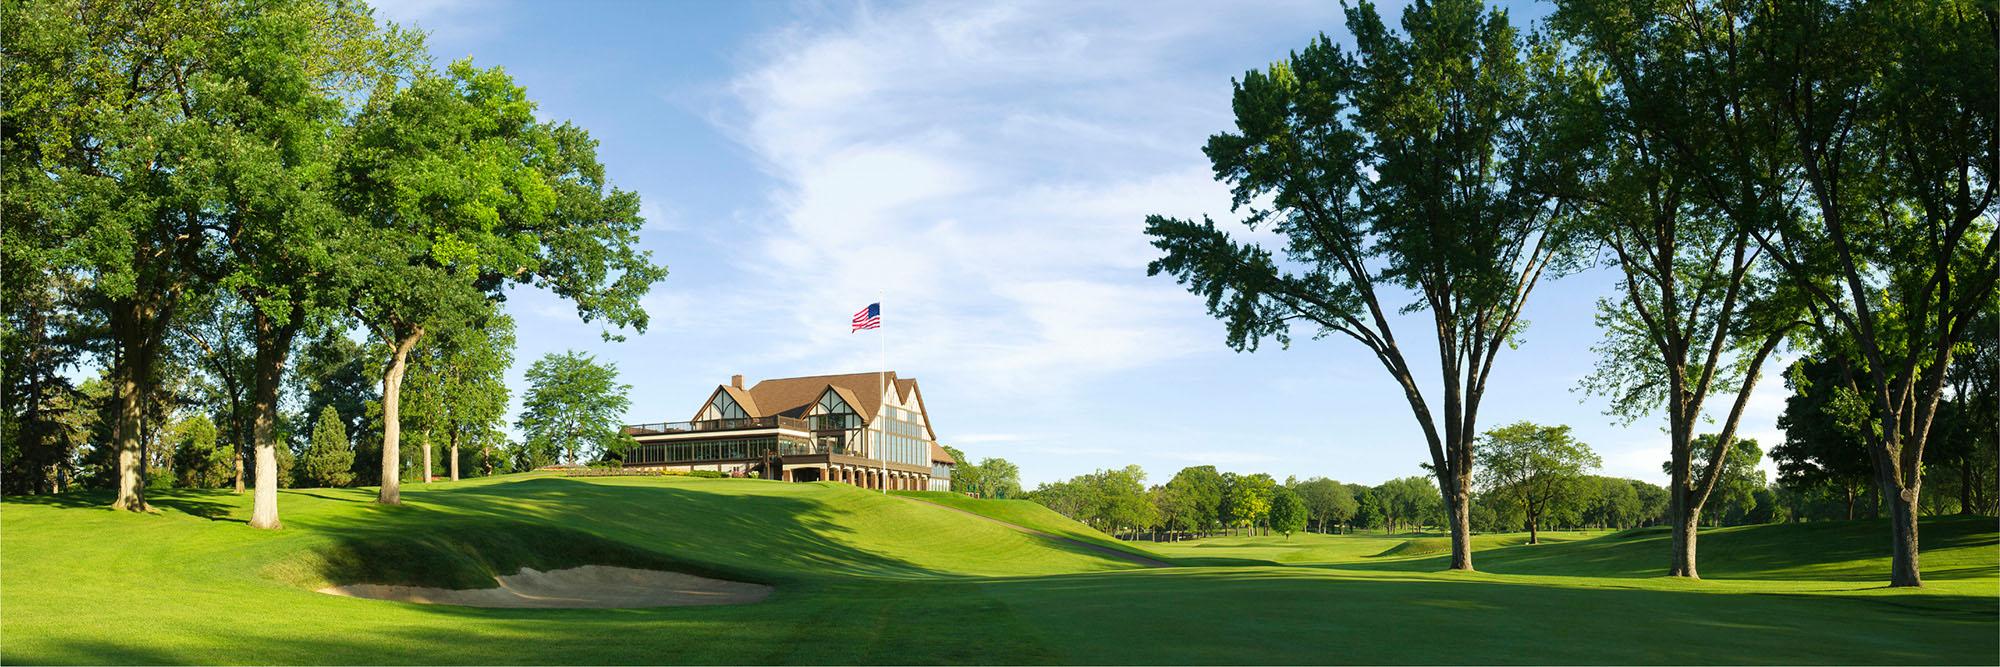 Golf Course Image - Interlachen No. 18